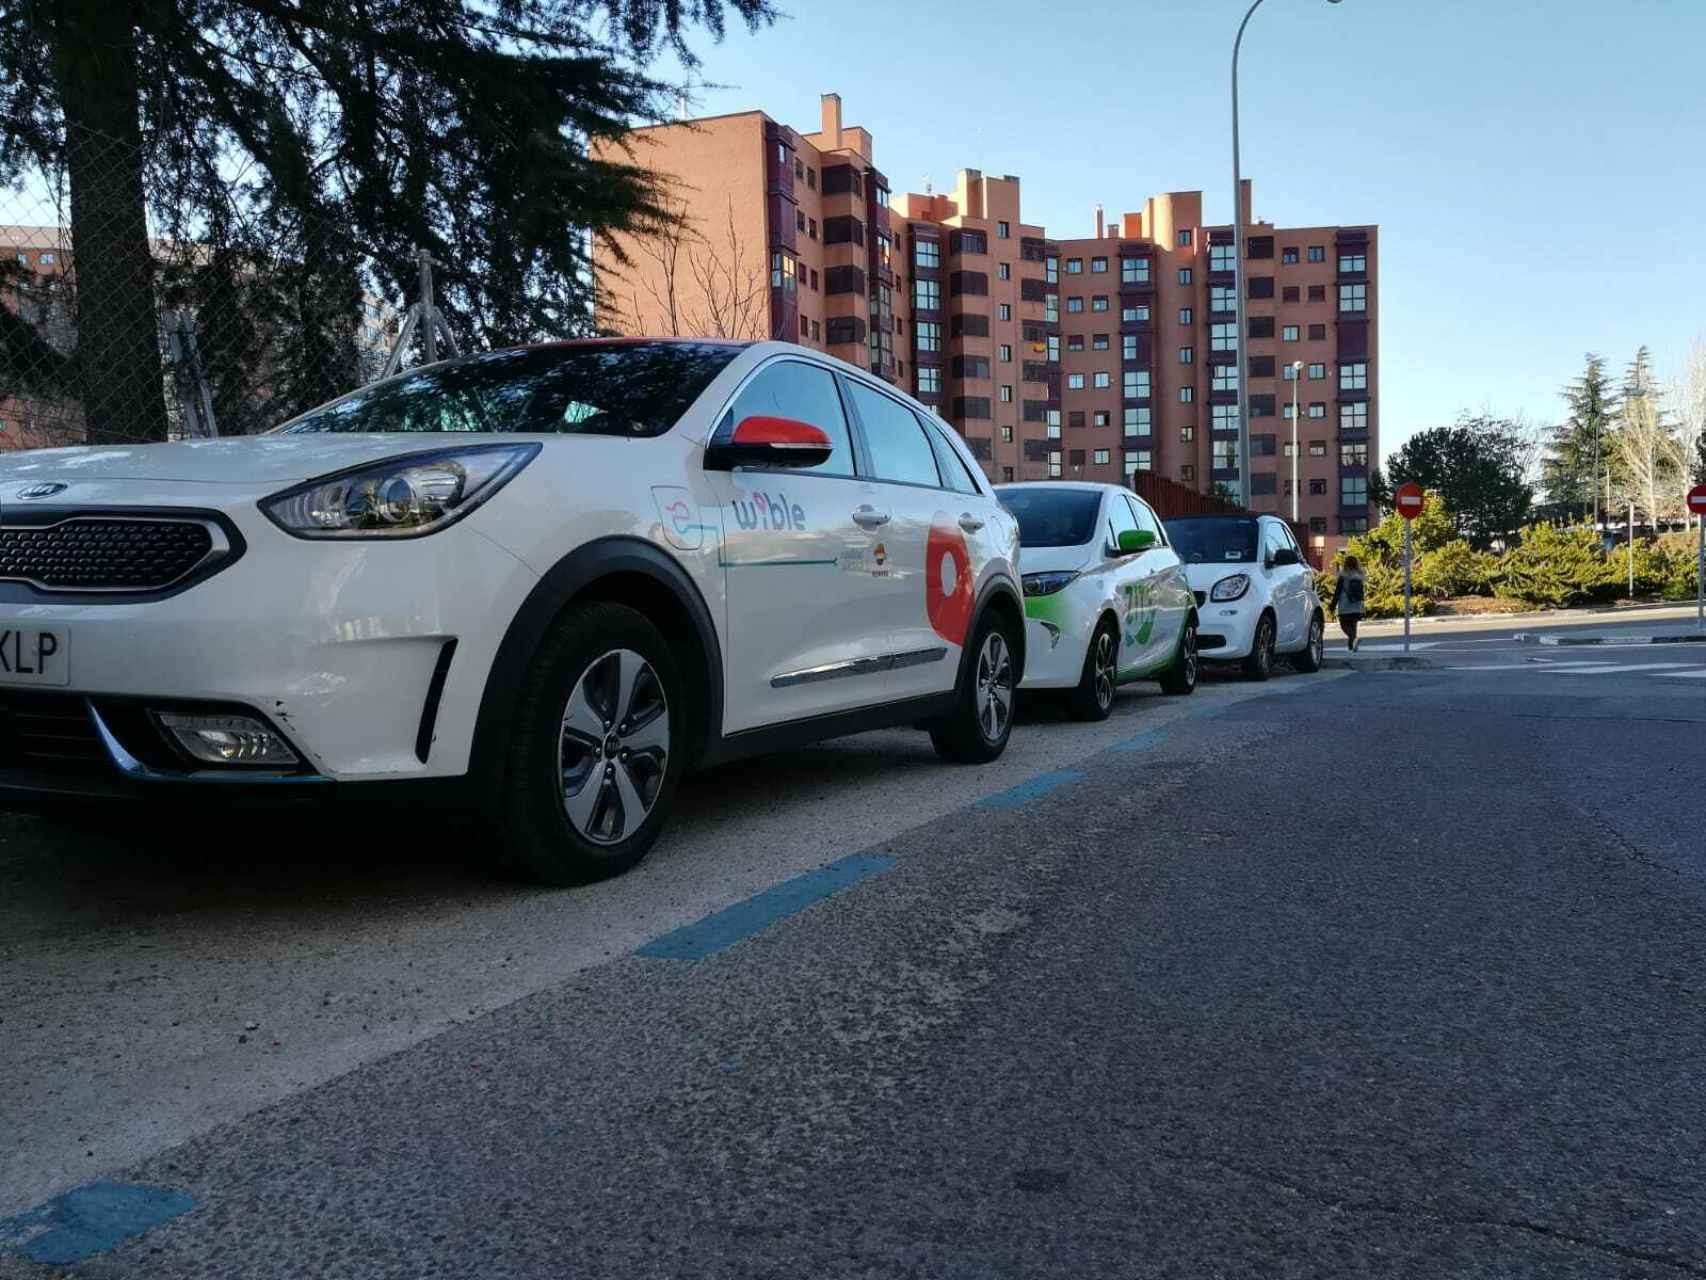 Vehículos de carsharing de Wibl, Zity y Car2go